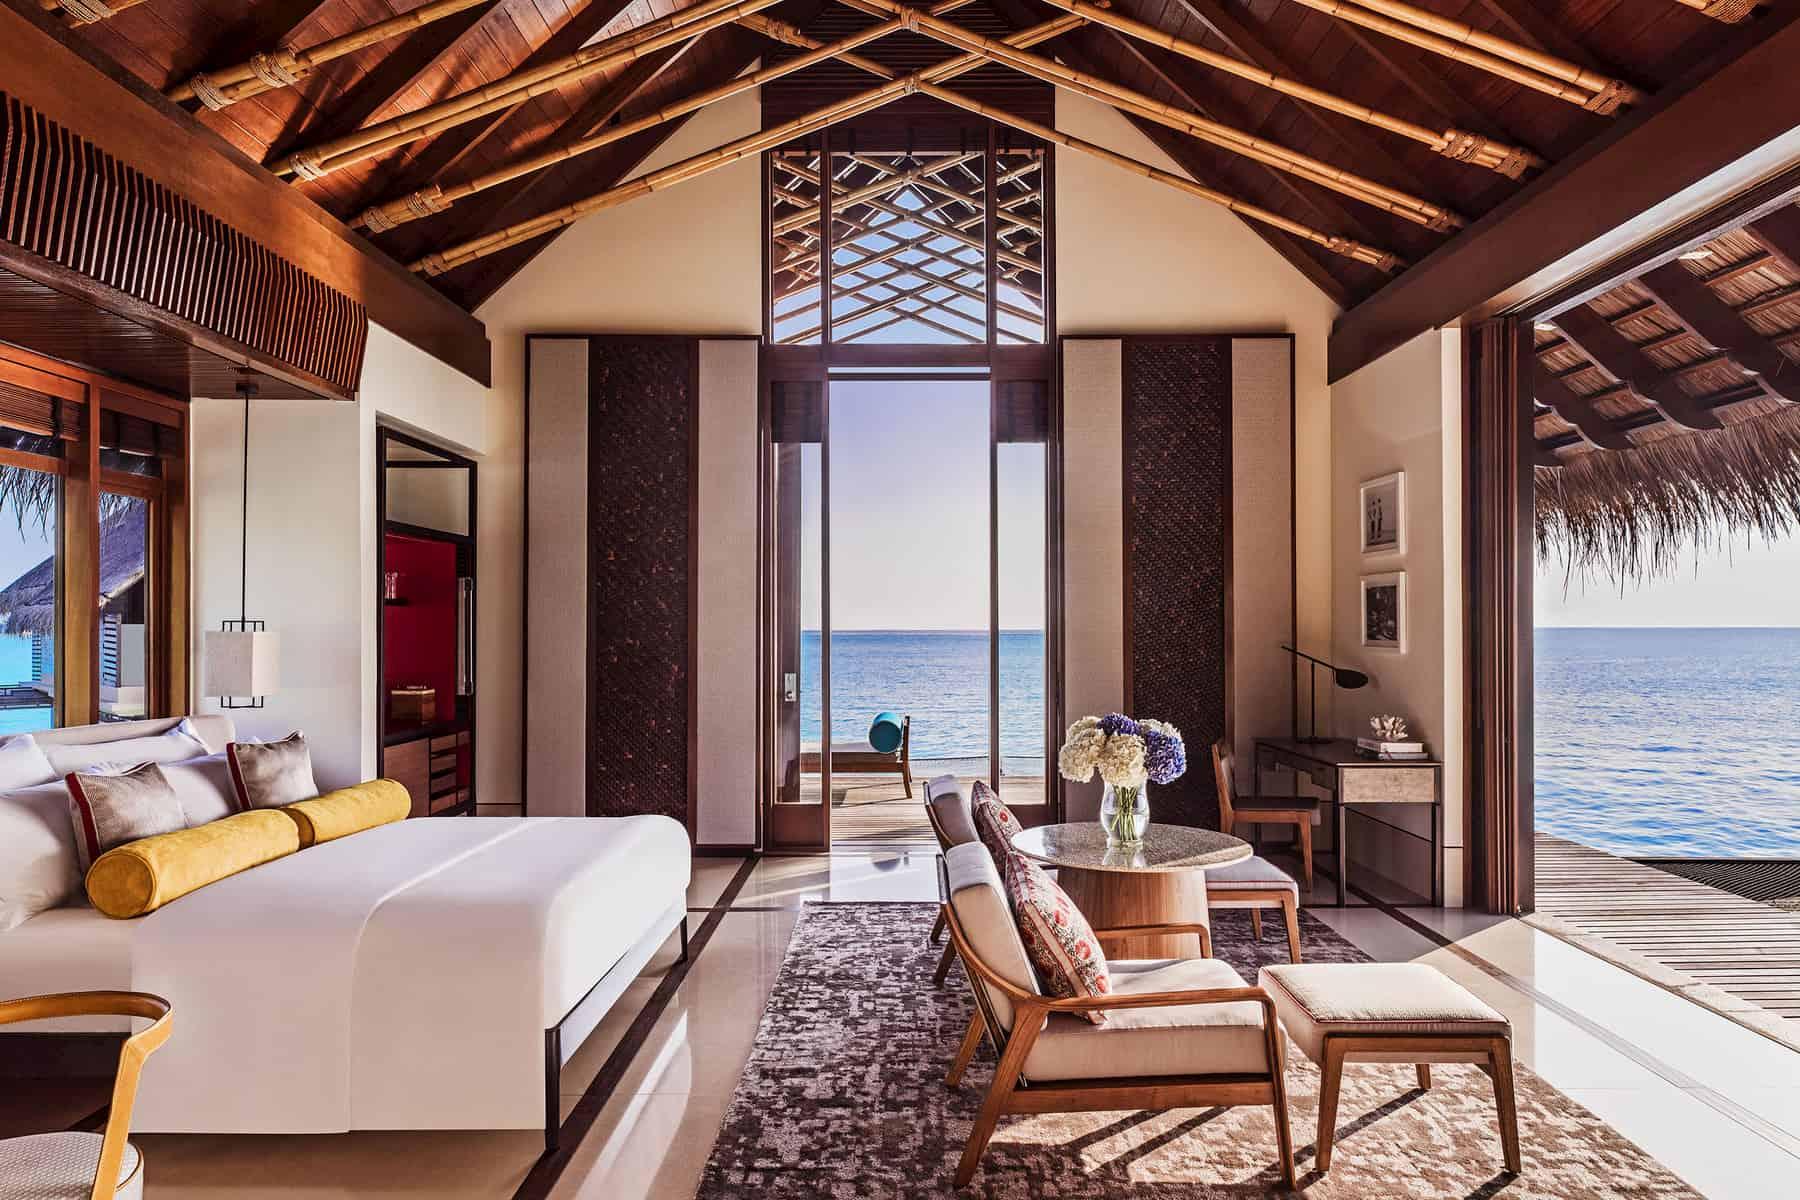 Resort Maldive One & Only Reehi Rah water villa